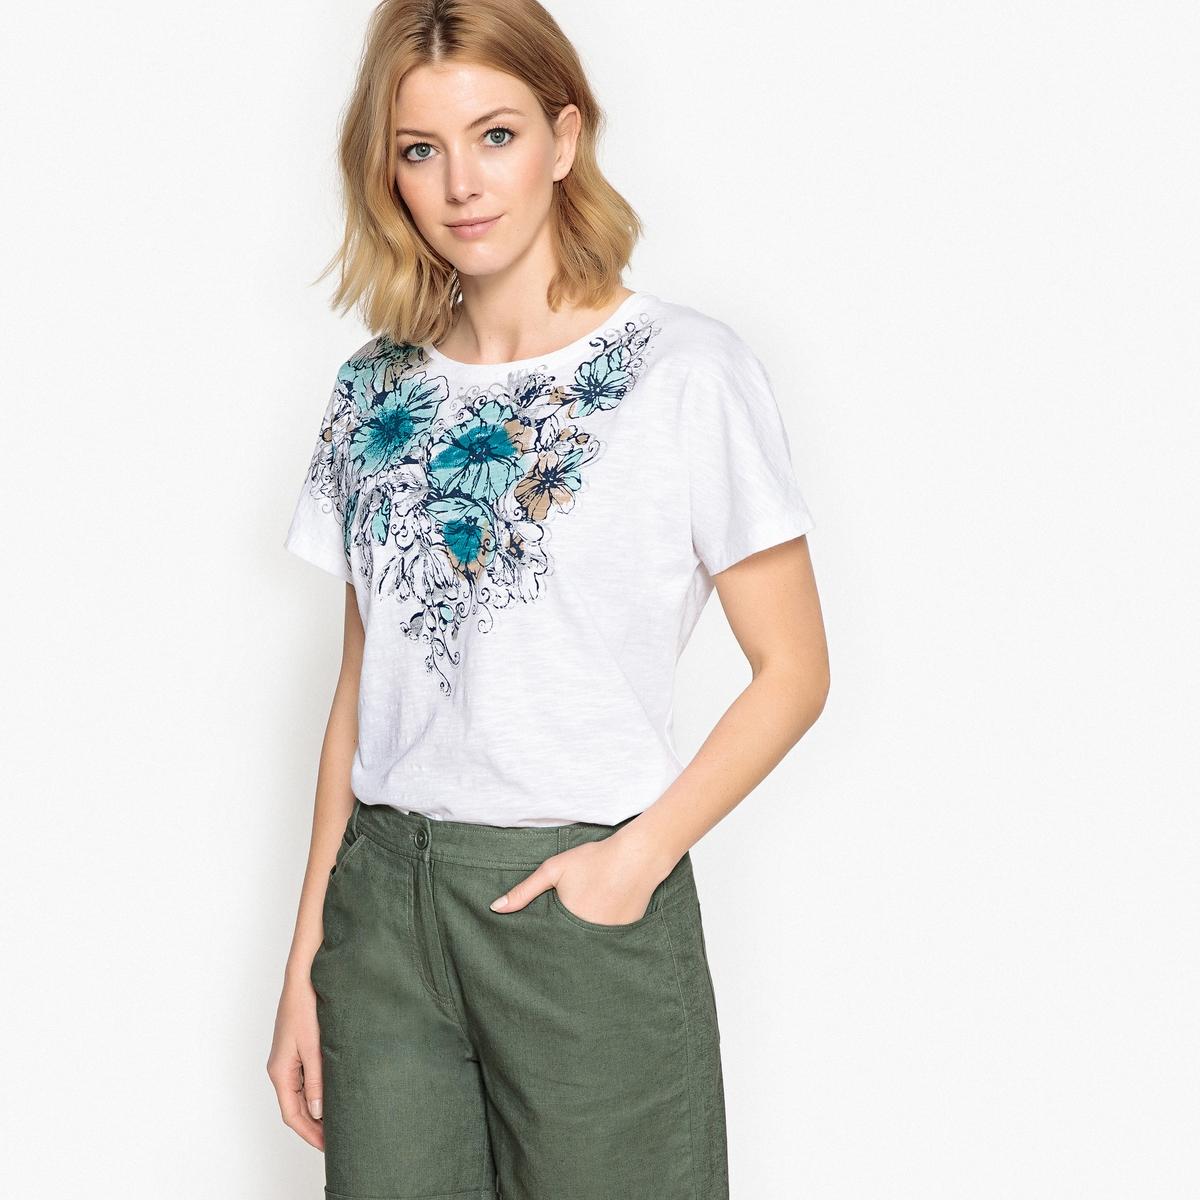 T-shirt estampada, puro algodão